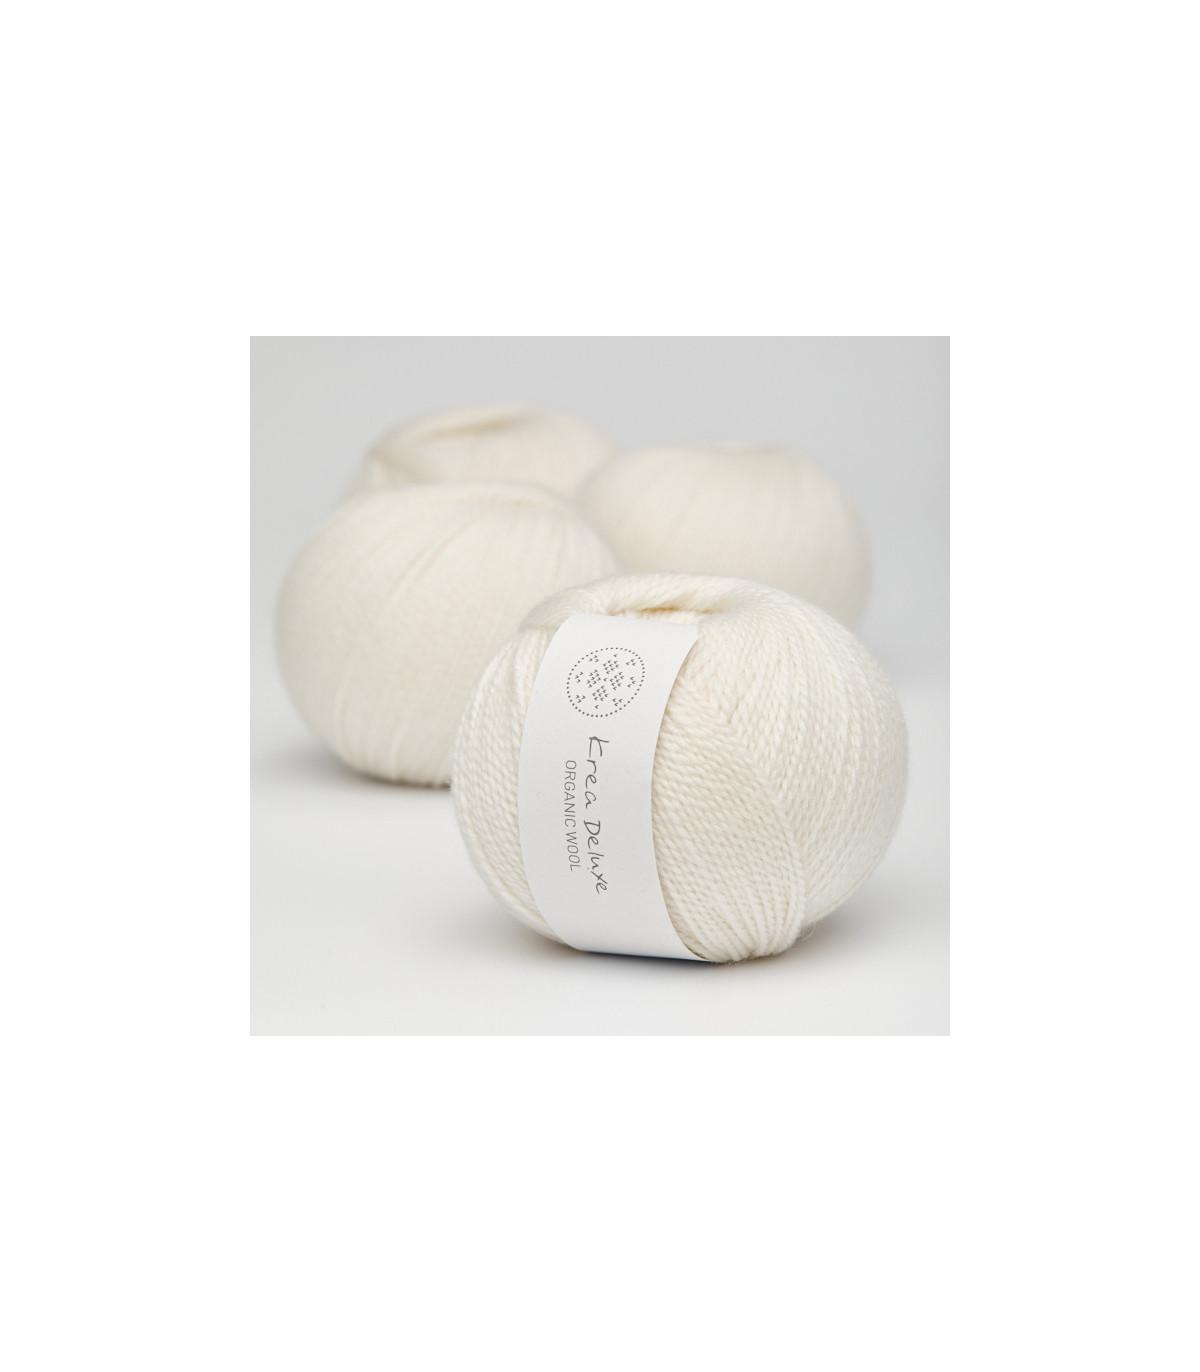 Wool 1 (Neu) - Krea Deluxe in der Farbe W 01 Natur Weiß